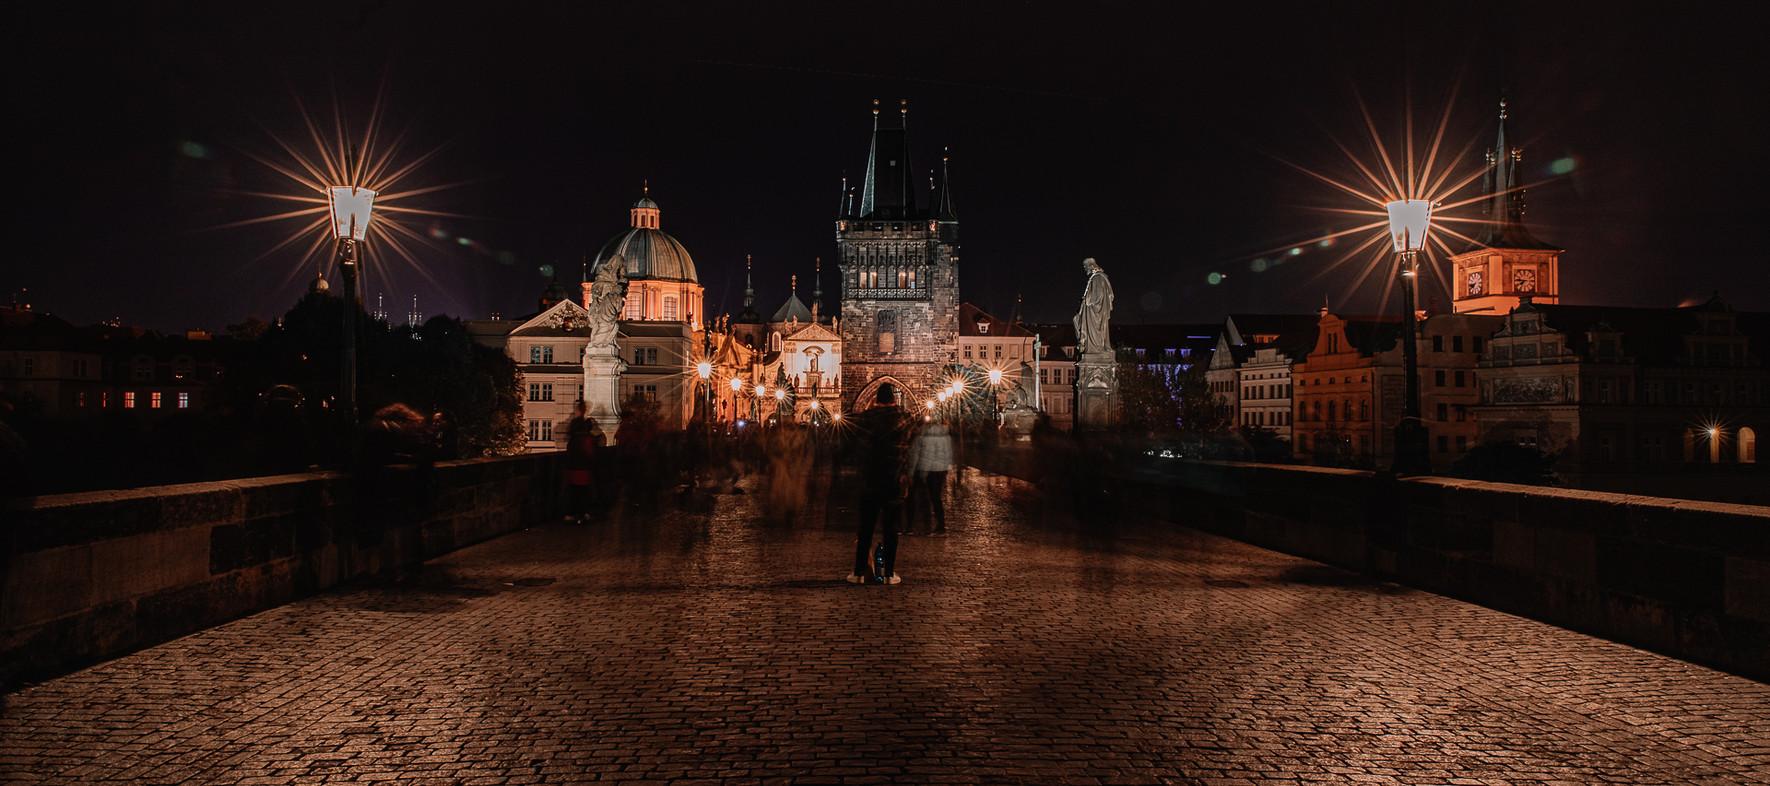 TKPA-Praha201910-0024-HDWH.jpg